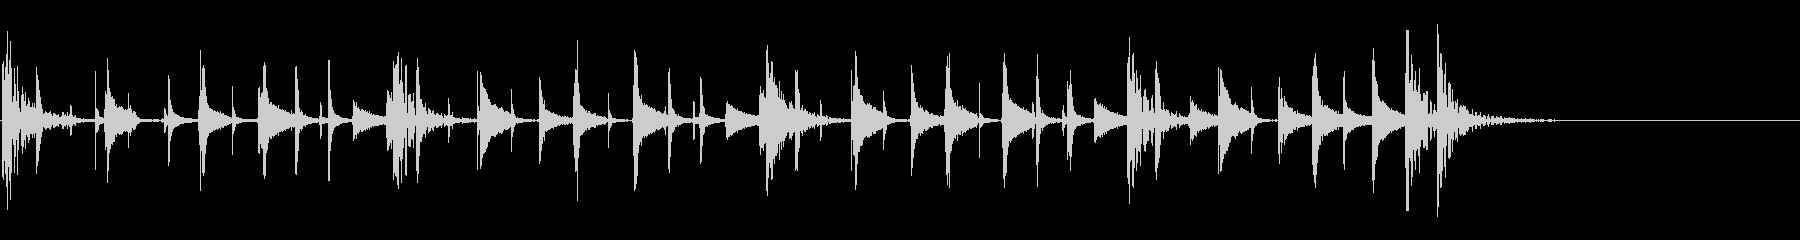 KUNTE KINTE、MUSIC...の未再生の波形